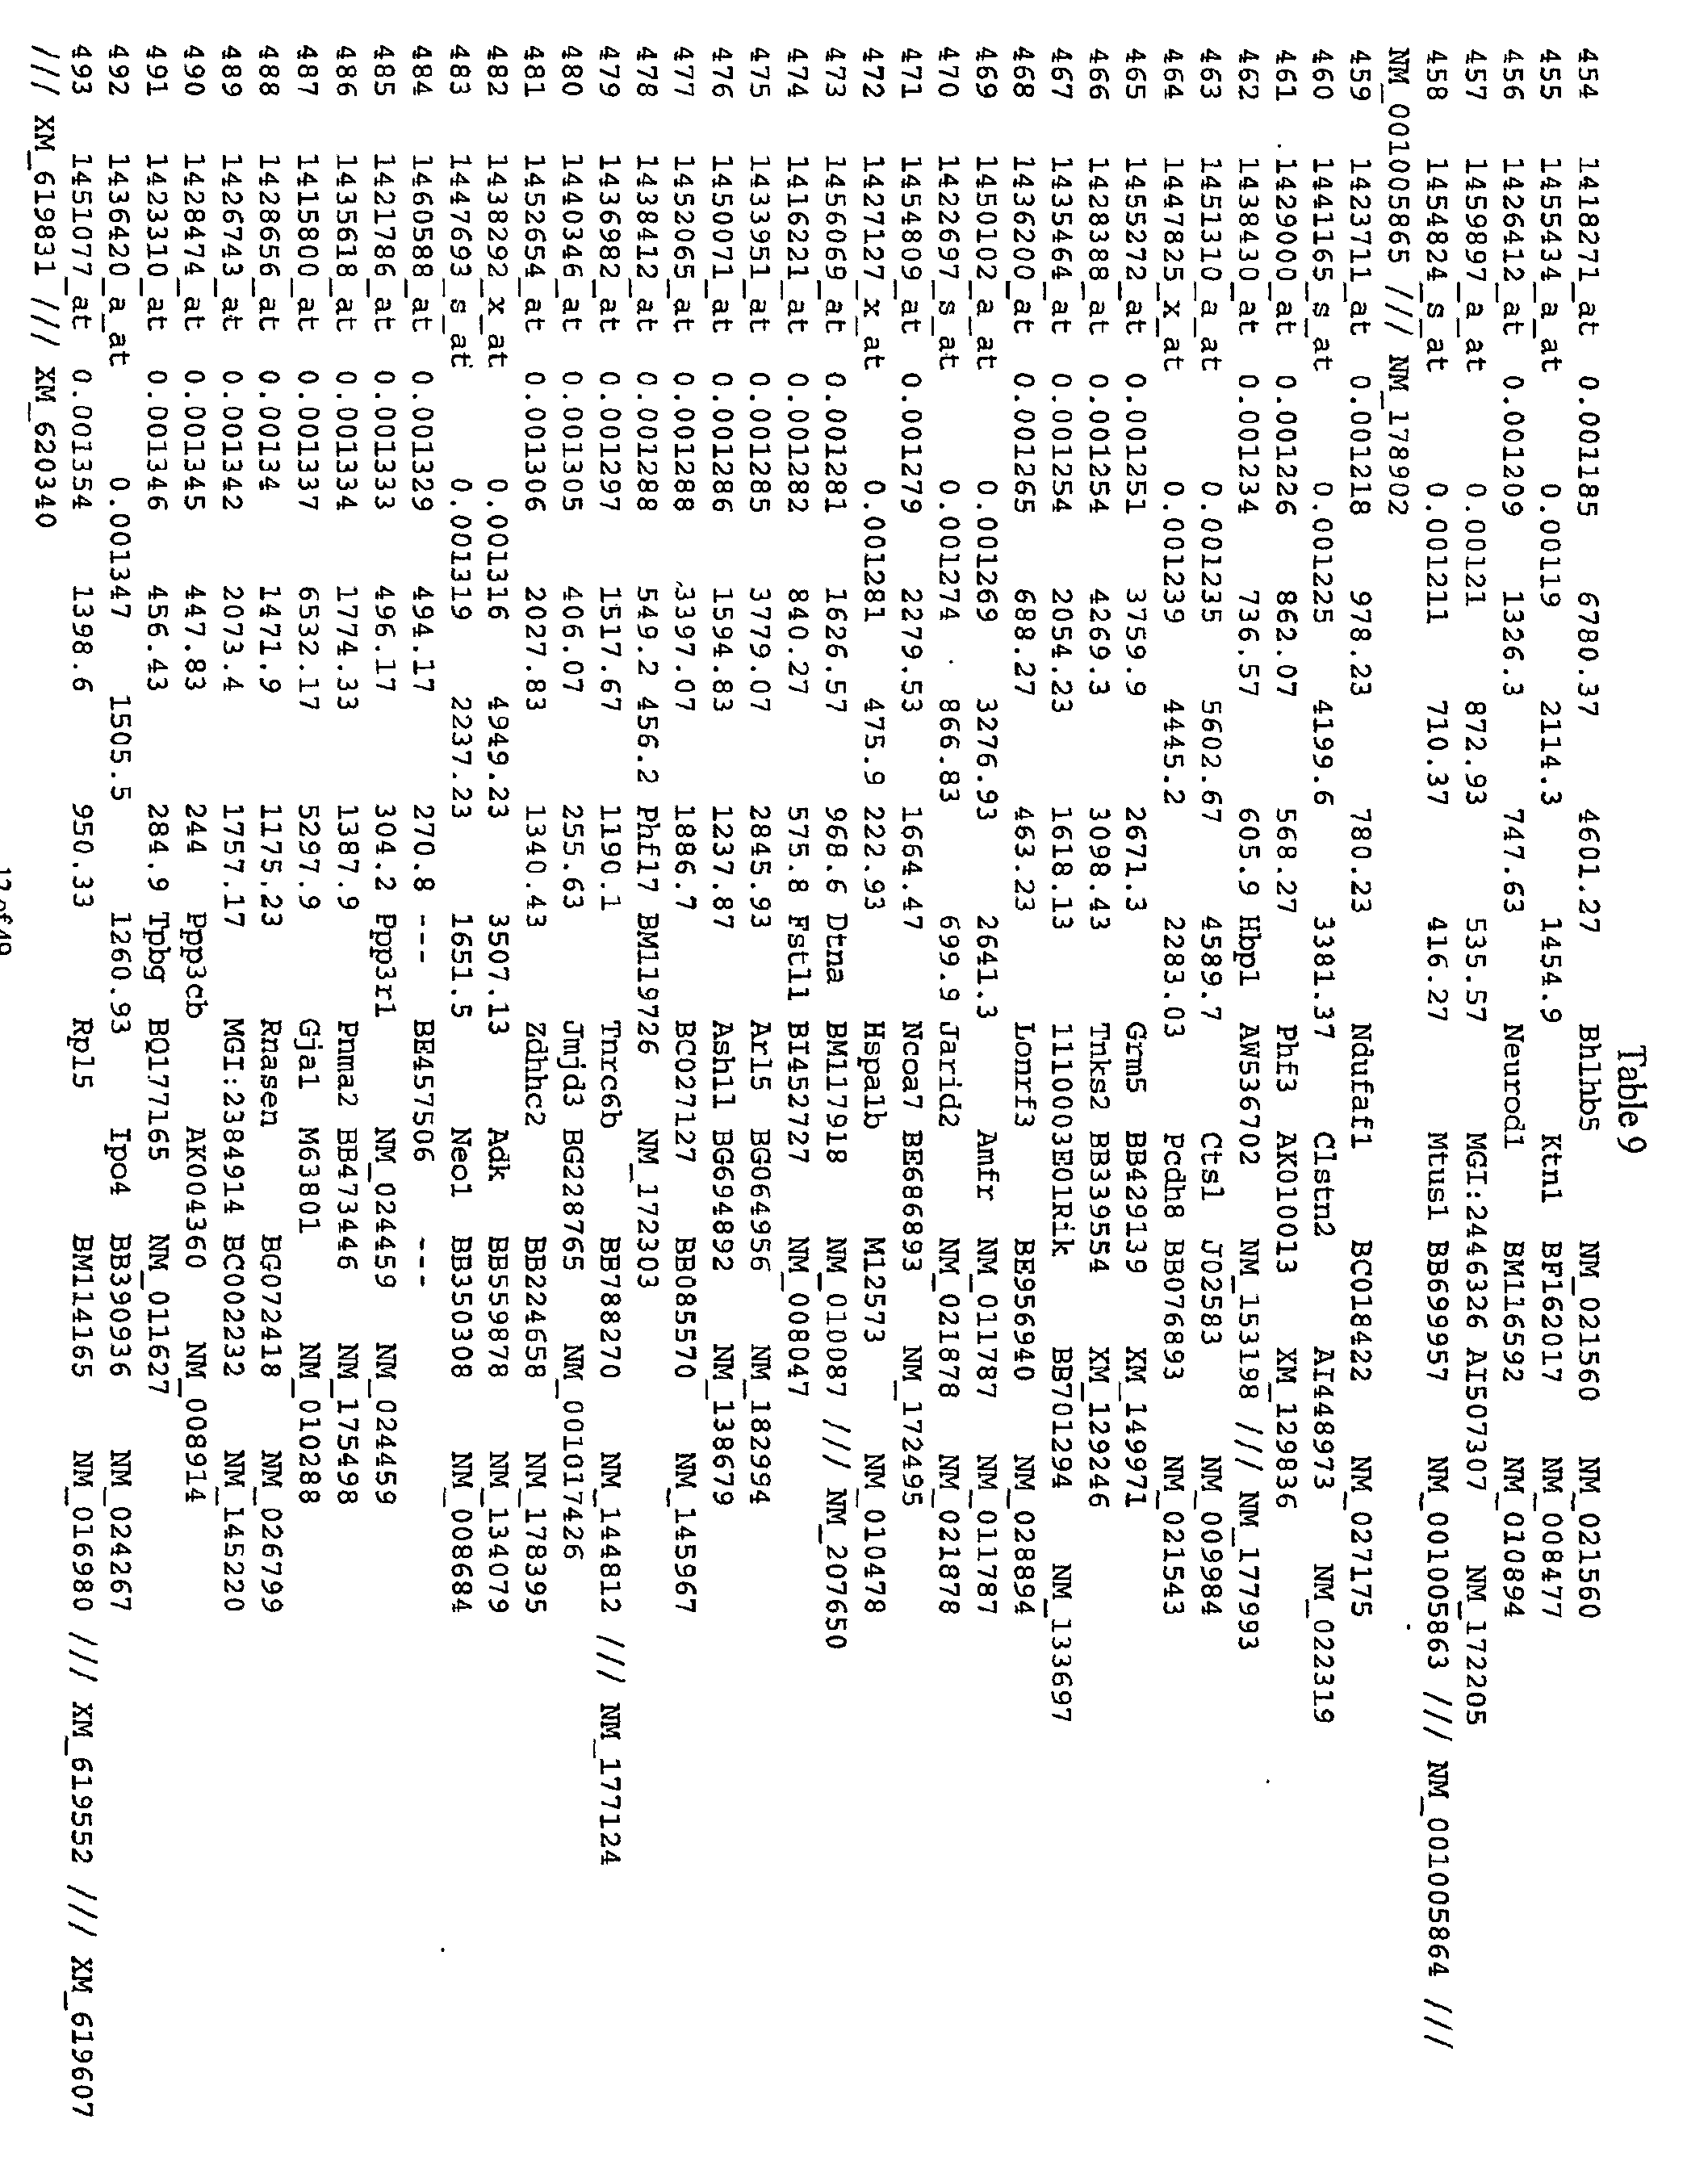 Figure imgf000270_0001